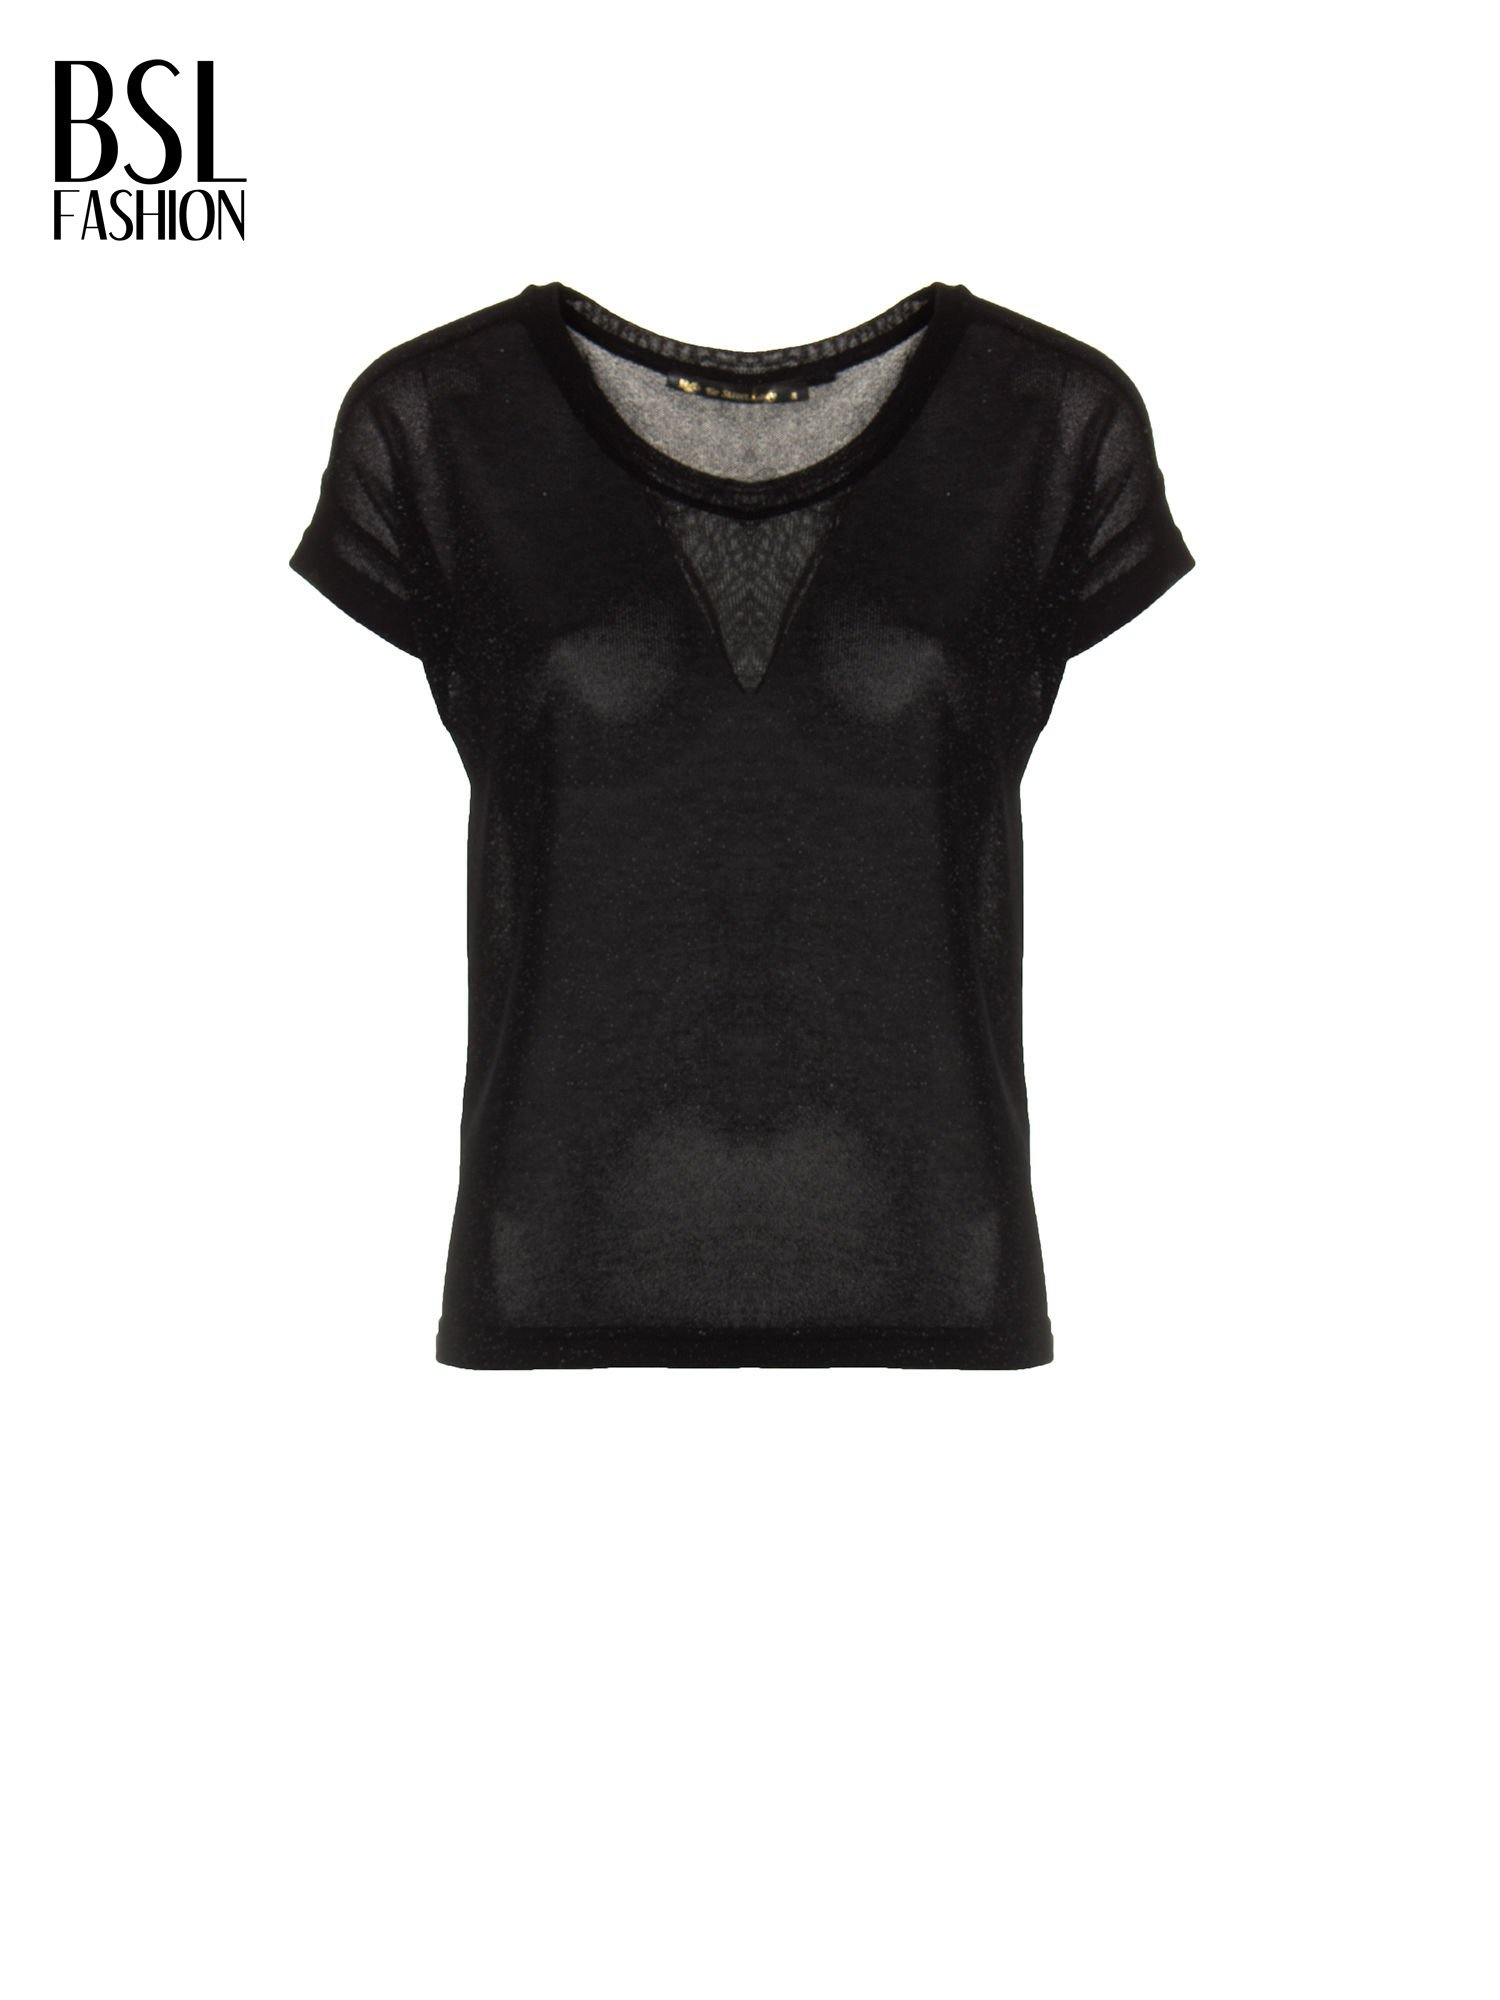 Czarny transparentny t-shirt przeplatany srebrną nicią                                  zdj.                                  2